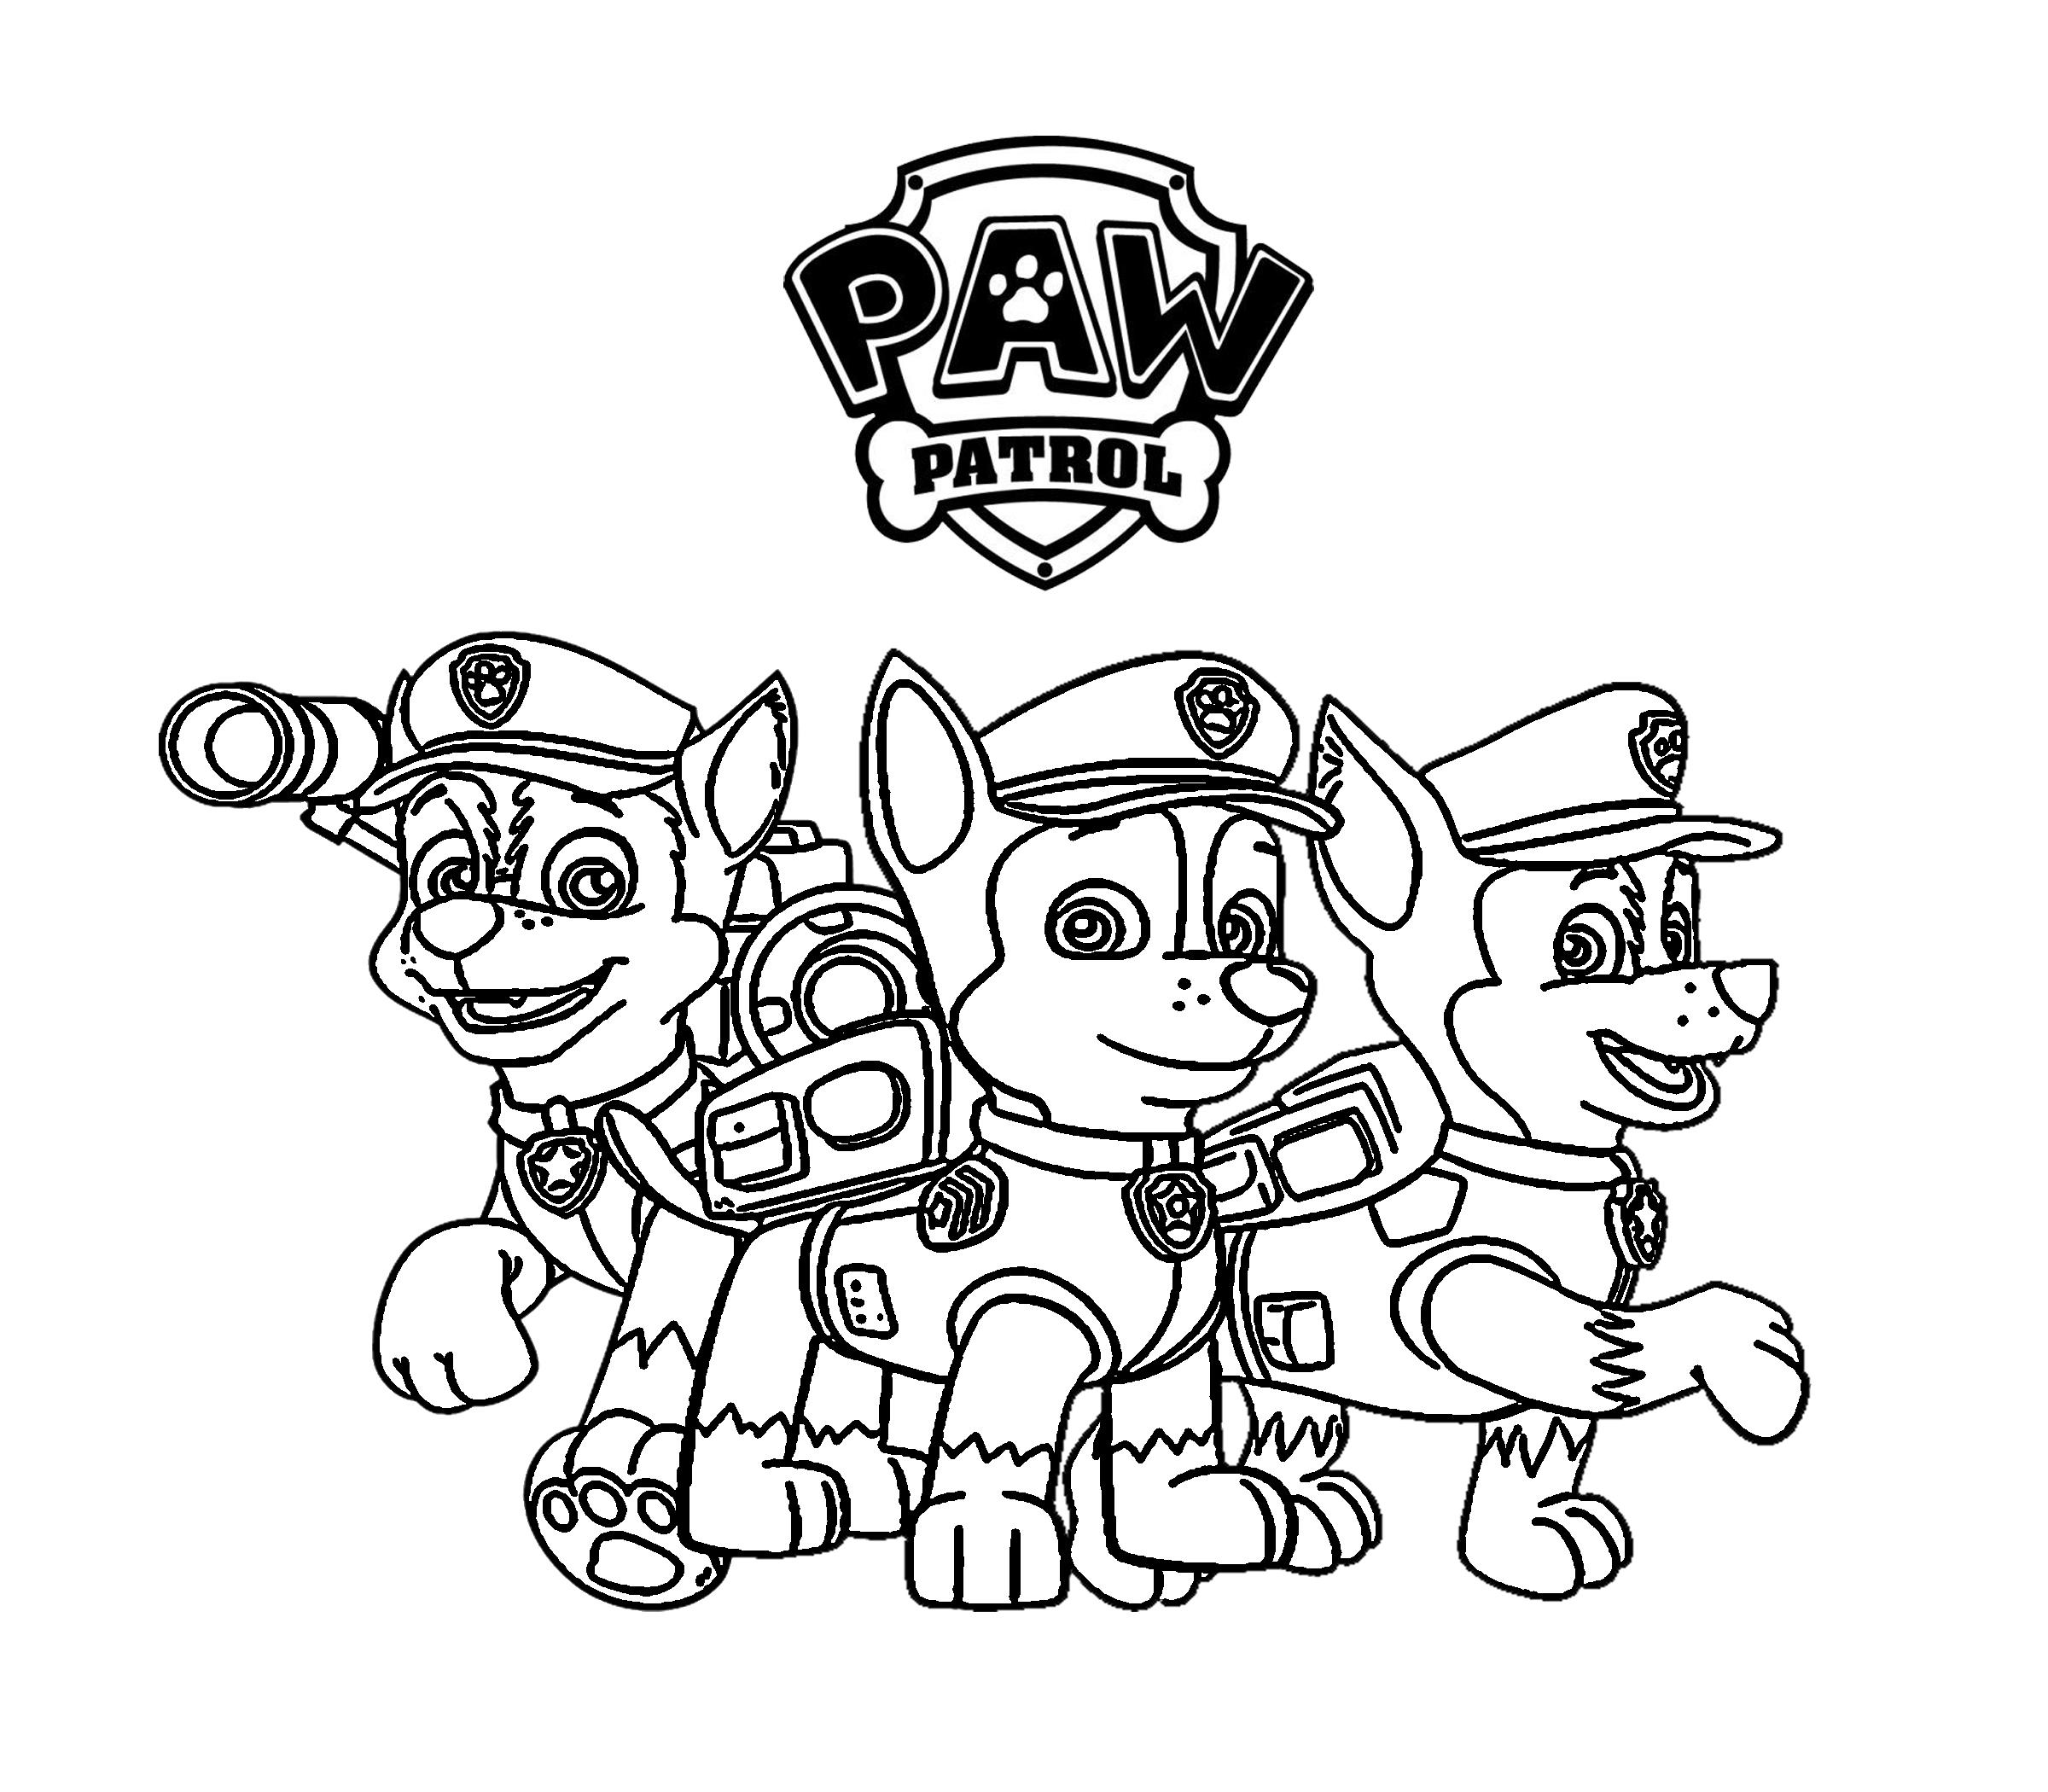 Paw Patrol Ausmalbilder Kostenlos Malvorlagen Windowcolor zum Drucken